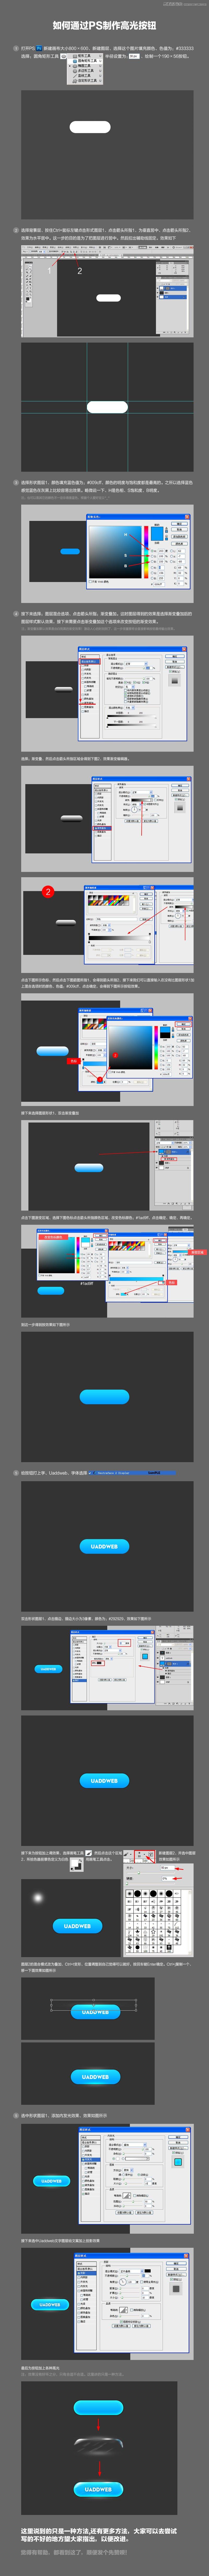 Photoshop設計藍色質感的網頁下載按鈕